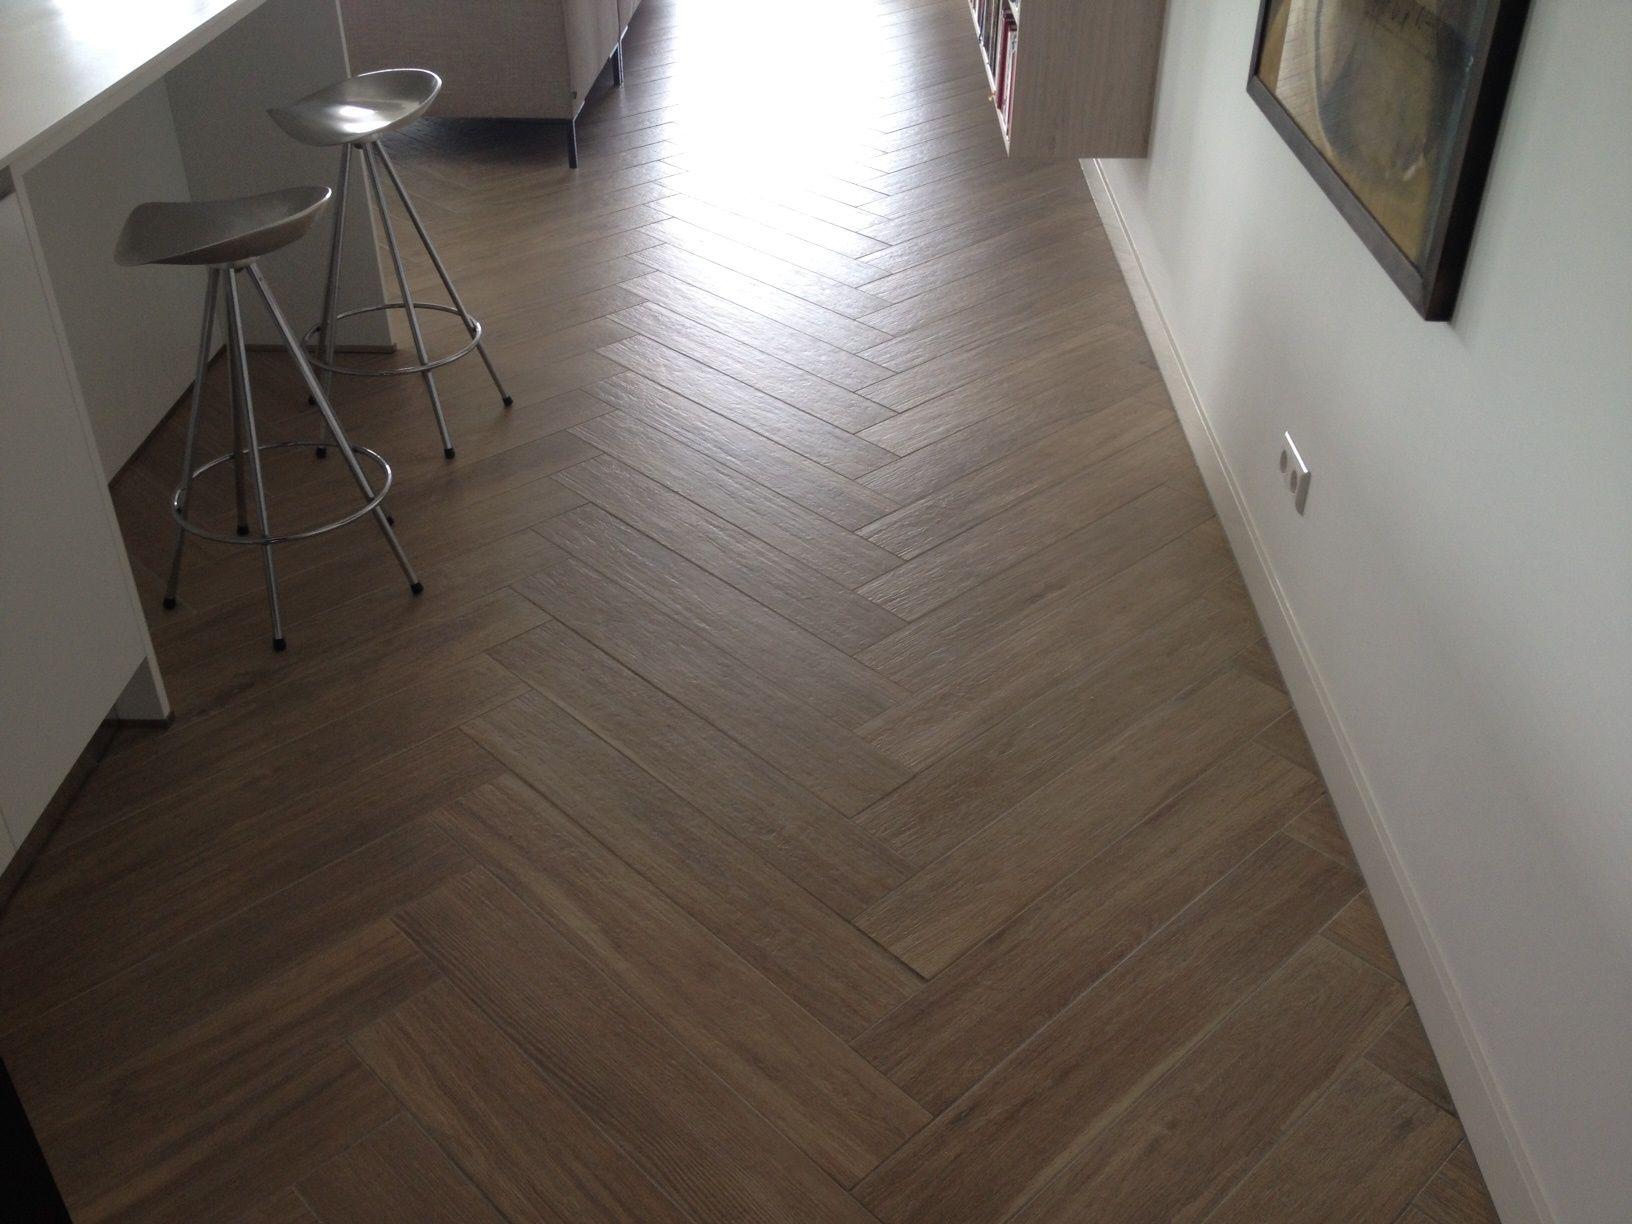 houtlook tegels rex oak visgraat keramisch parket vloeren